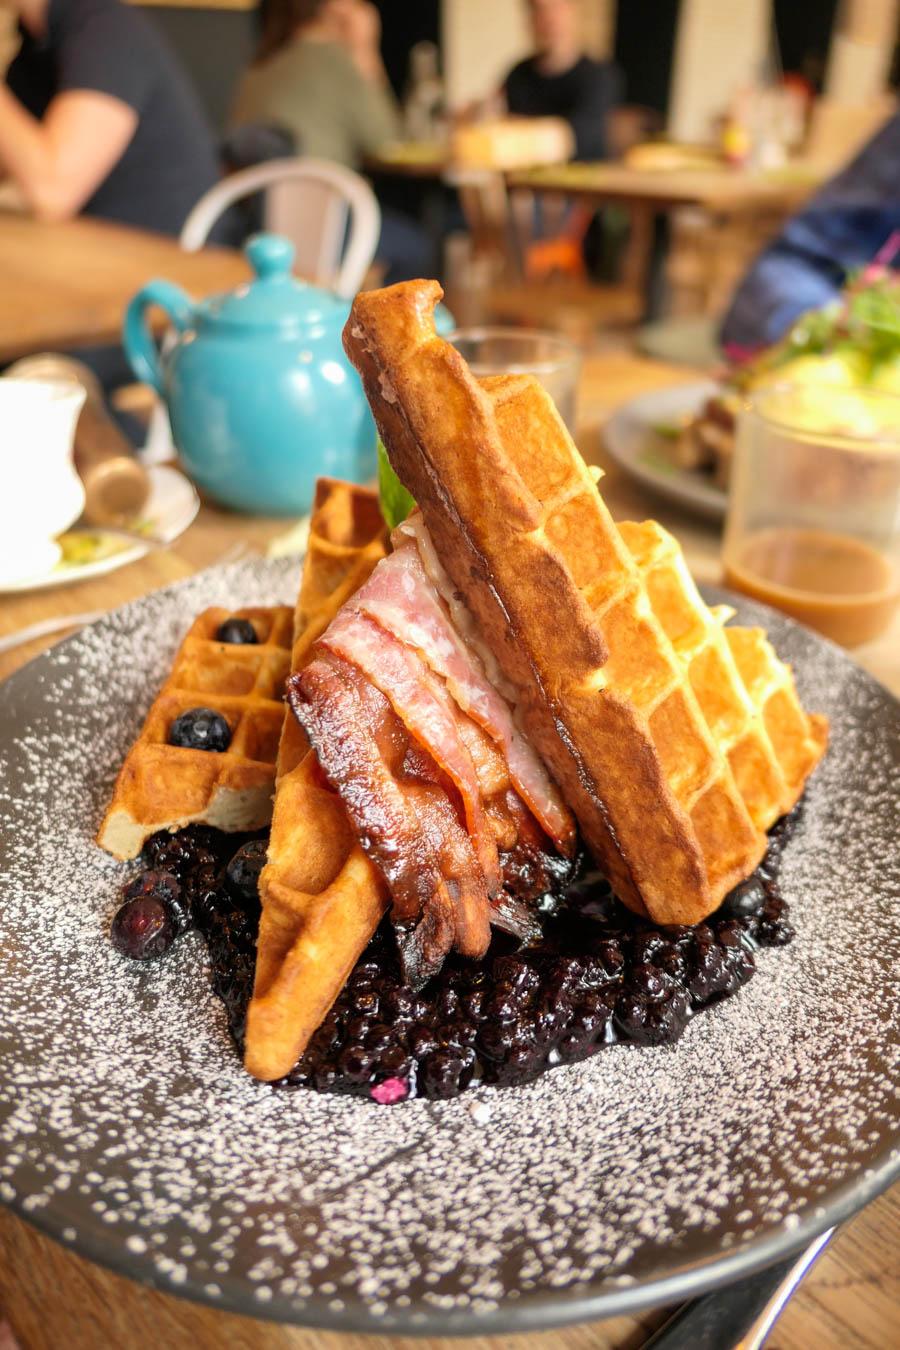 Stockbridge Edinburgh Restaurants Travel Guide - The Pantry Stockbridge - Best Breakfast in Edinburgh